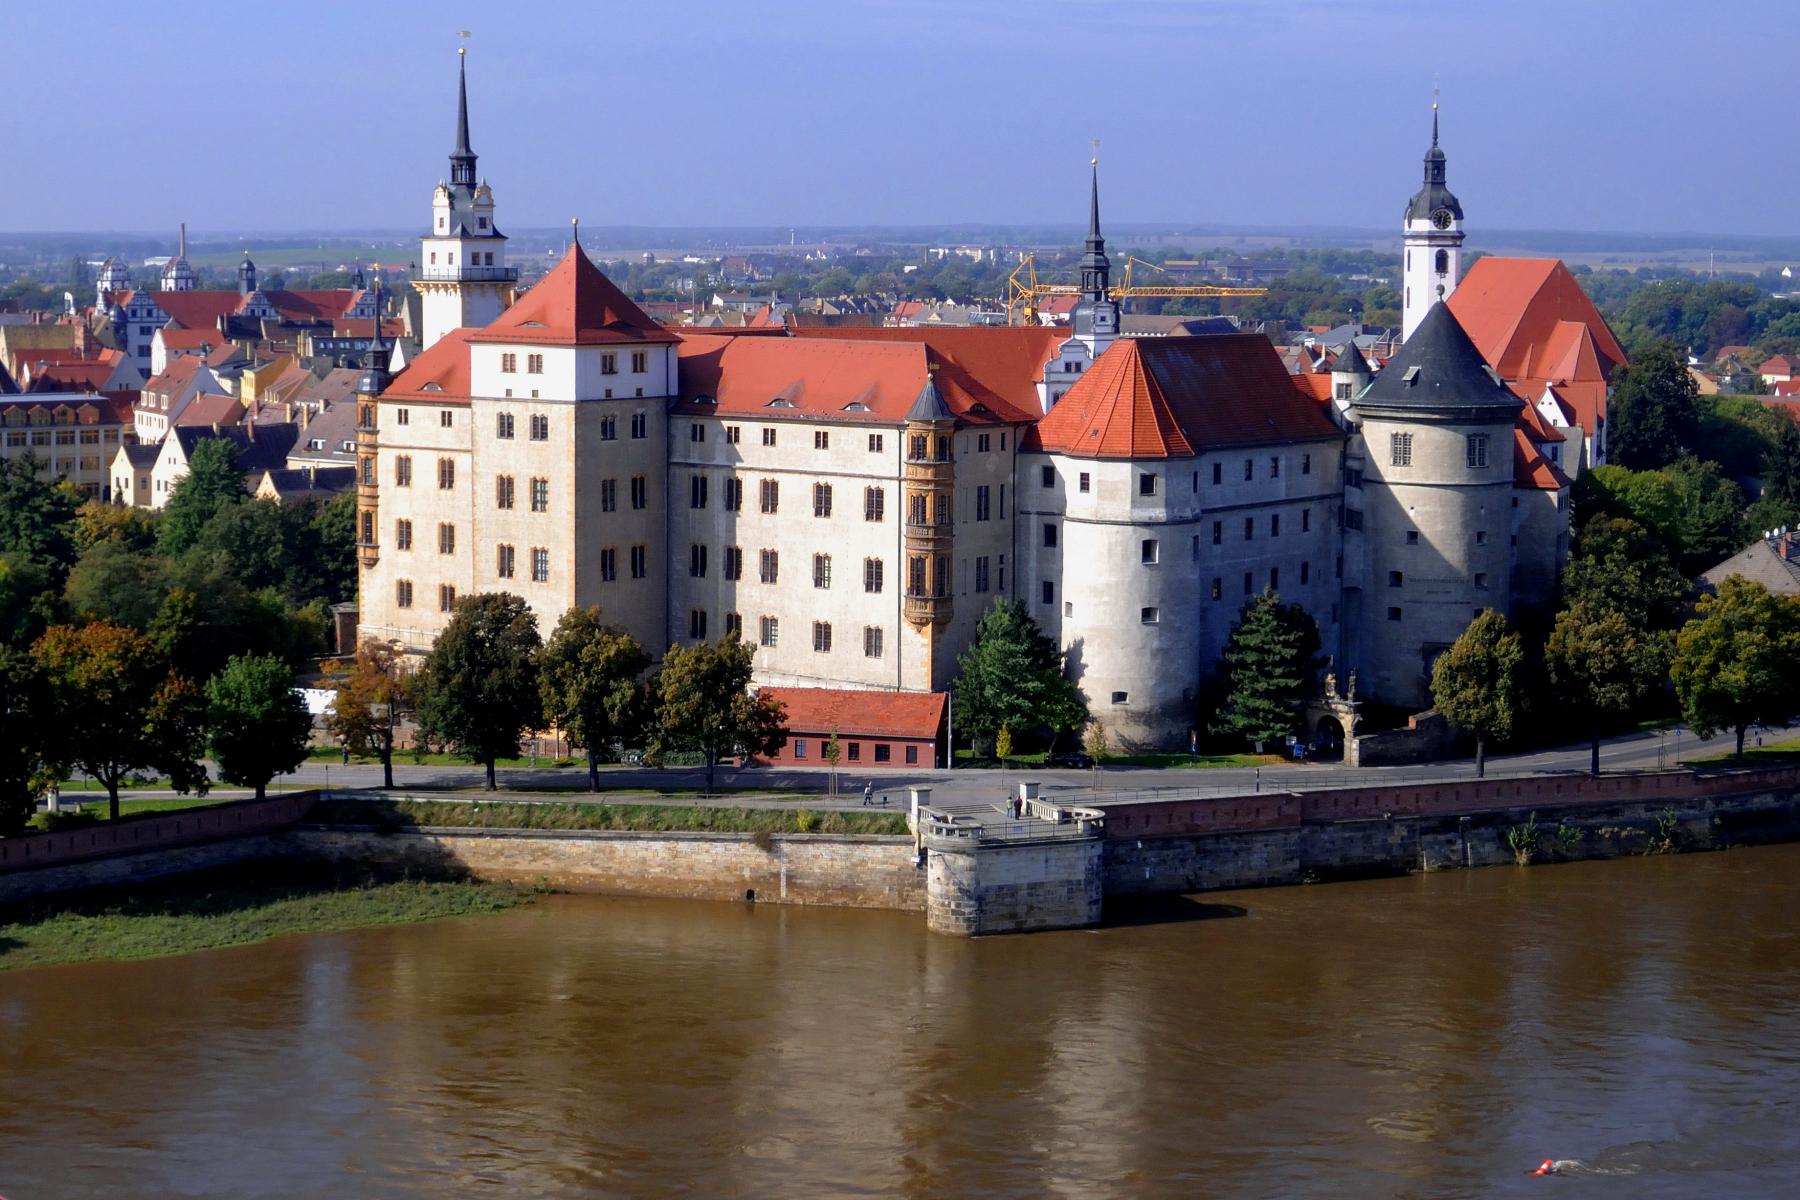 SchlossHartenfels_Zeppelubil-Th-Haft-Torgau.JPG